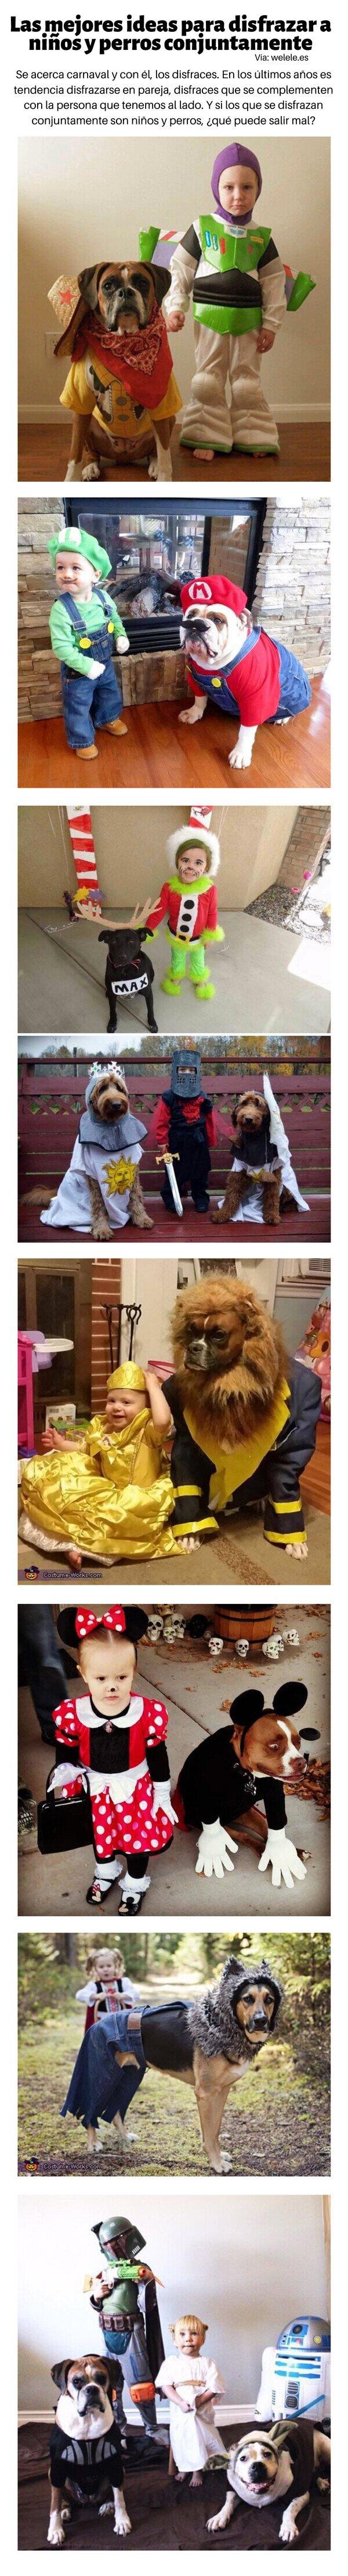 Meme_otros - Las mejores ideas para disfrazar a niños y perros conjuntamente